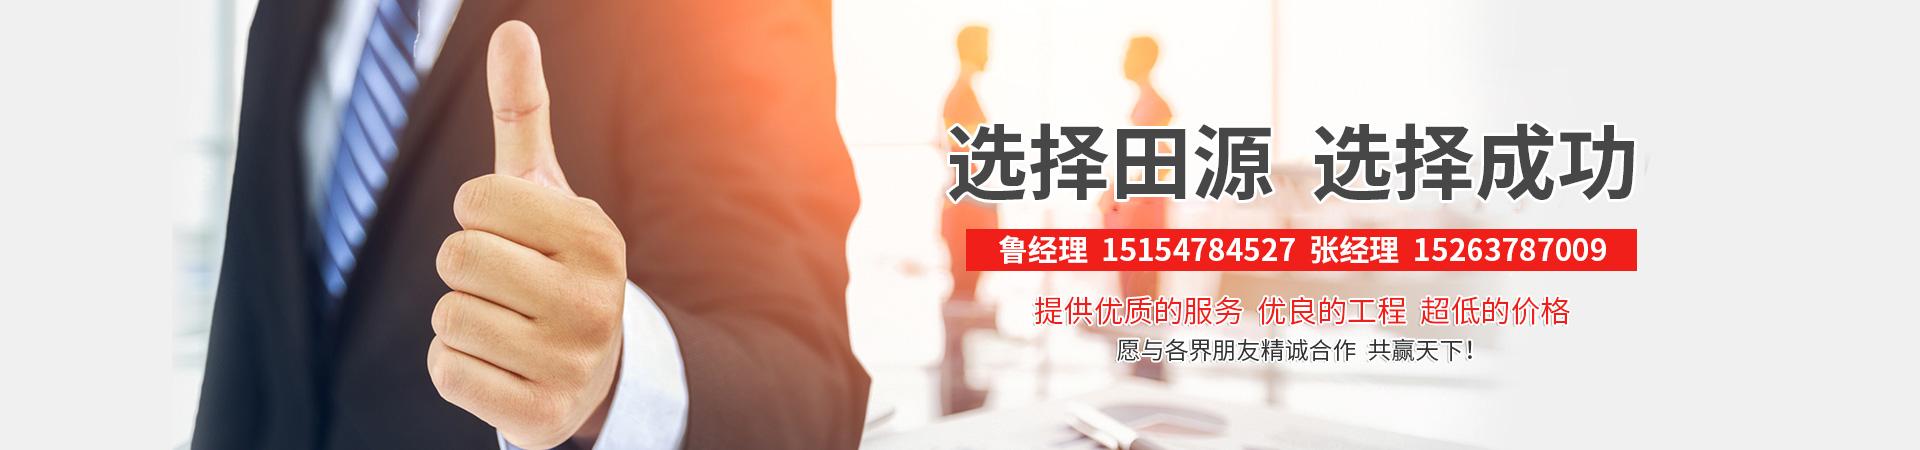 济宁市源达建设工程有限公司